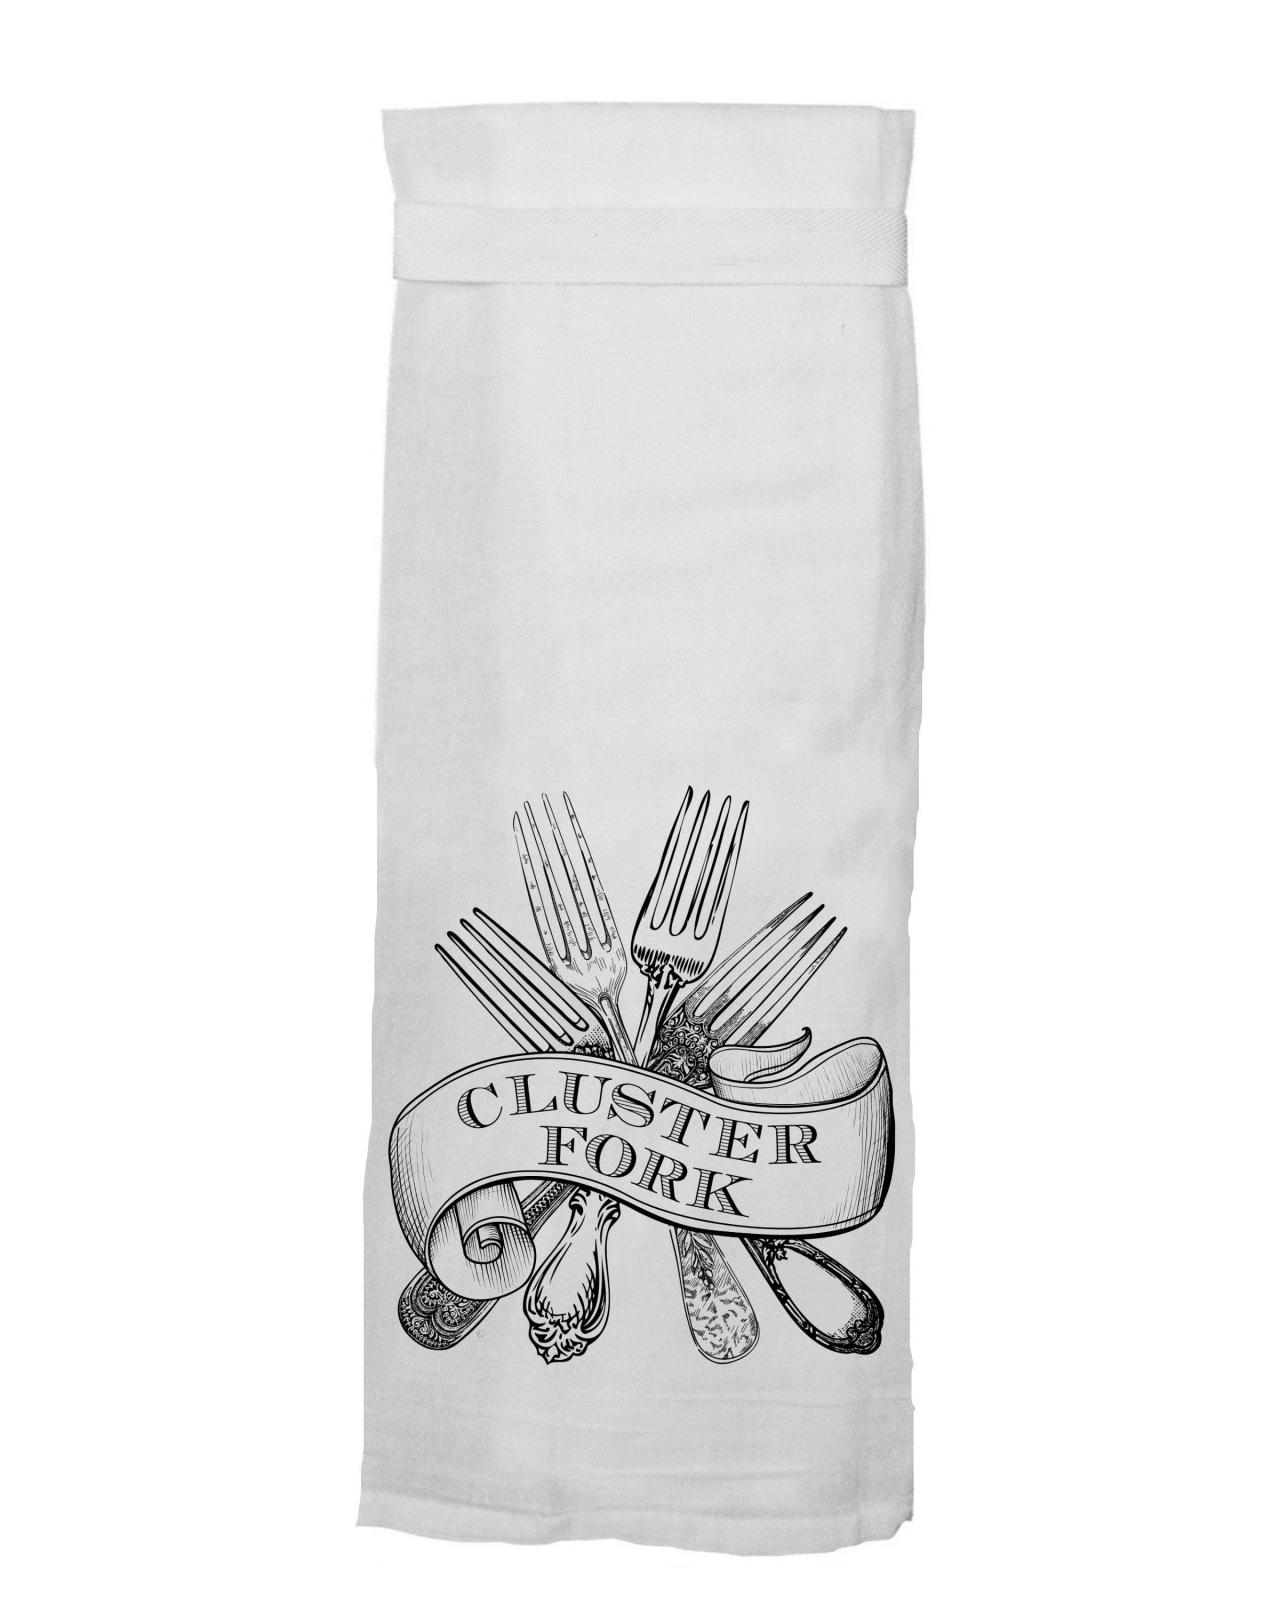 Flour Sack Towel - Cluster Fork